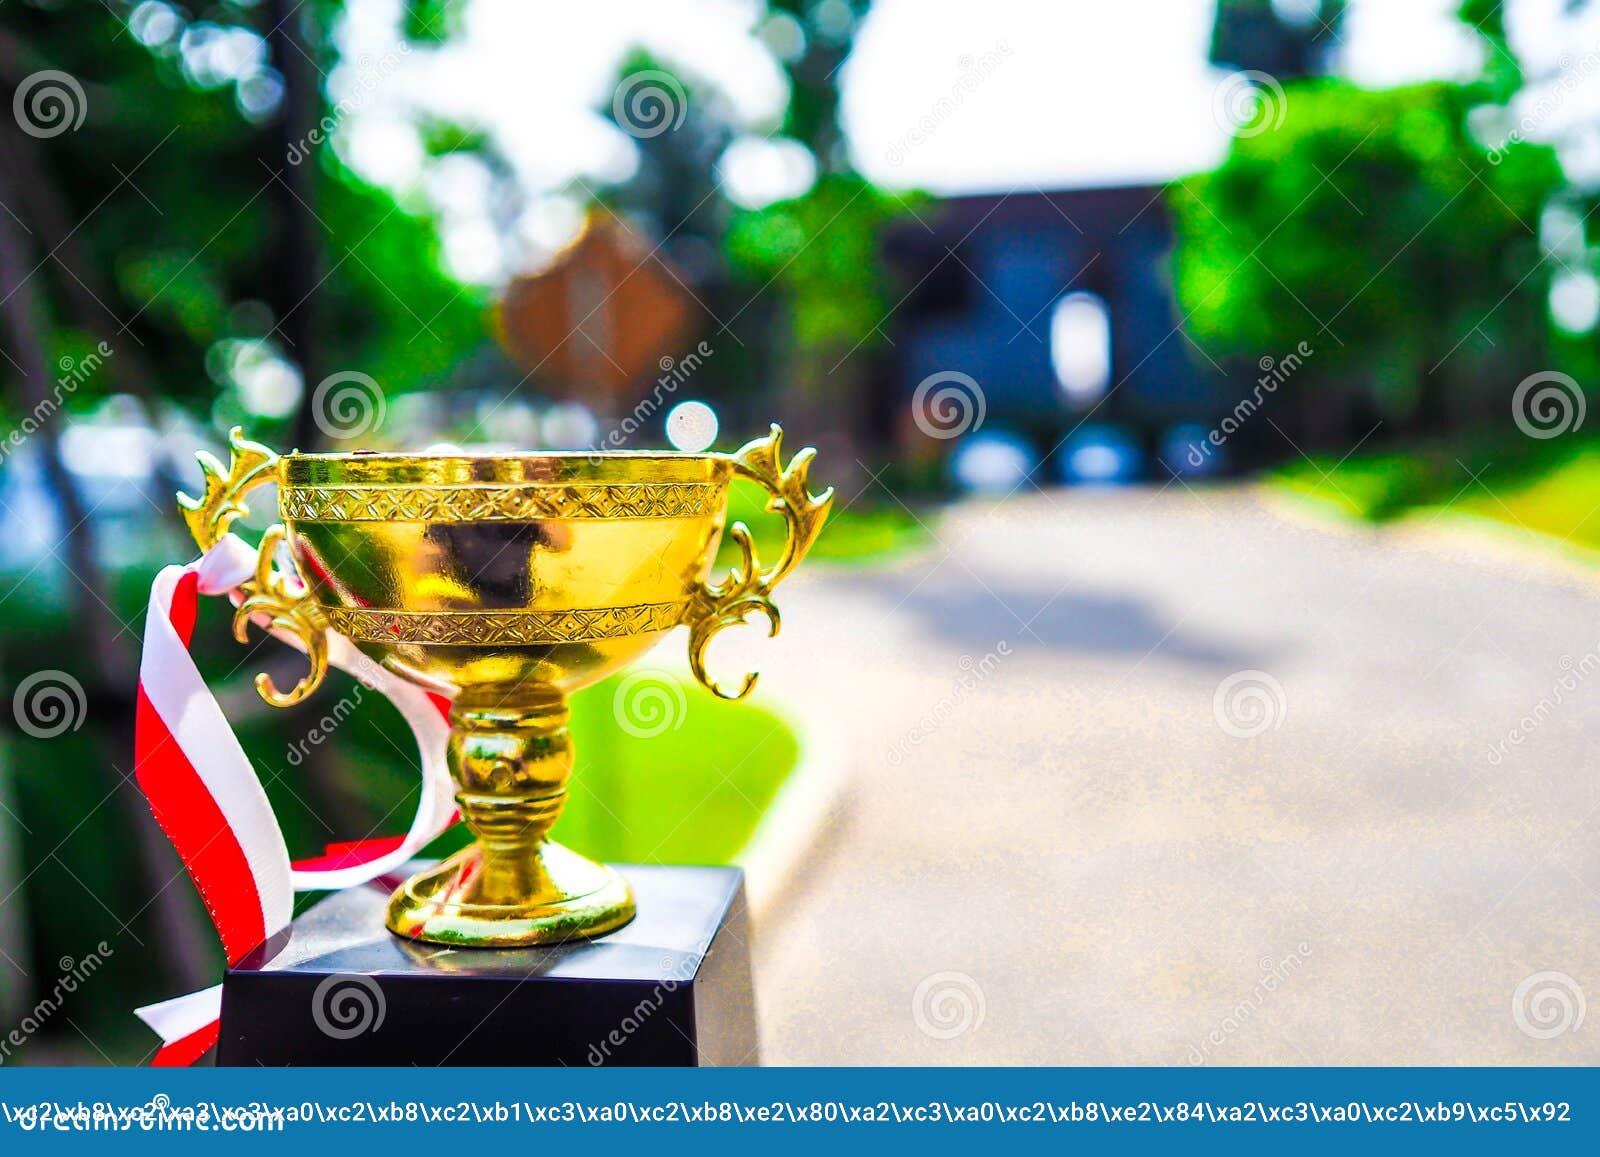 Kampioens gouden die trofee op weg met groen exemplaar wordt geplaatst als achtergrond